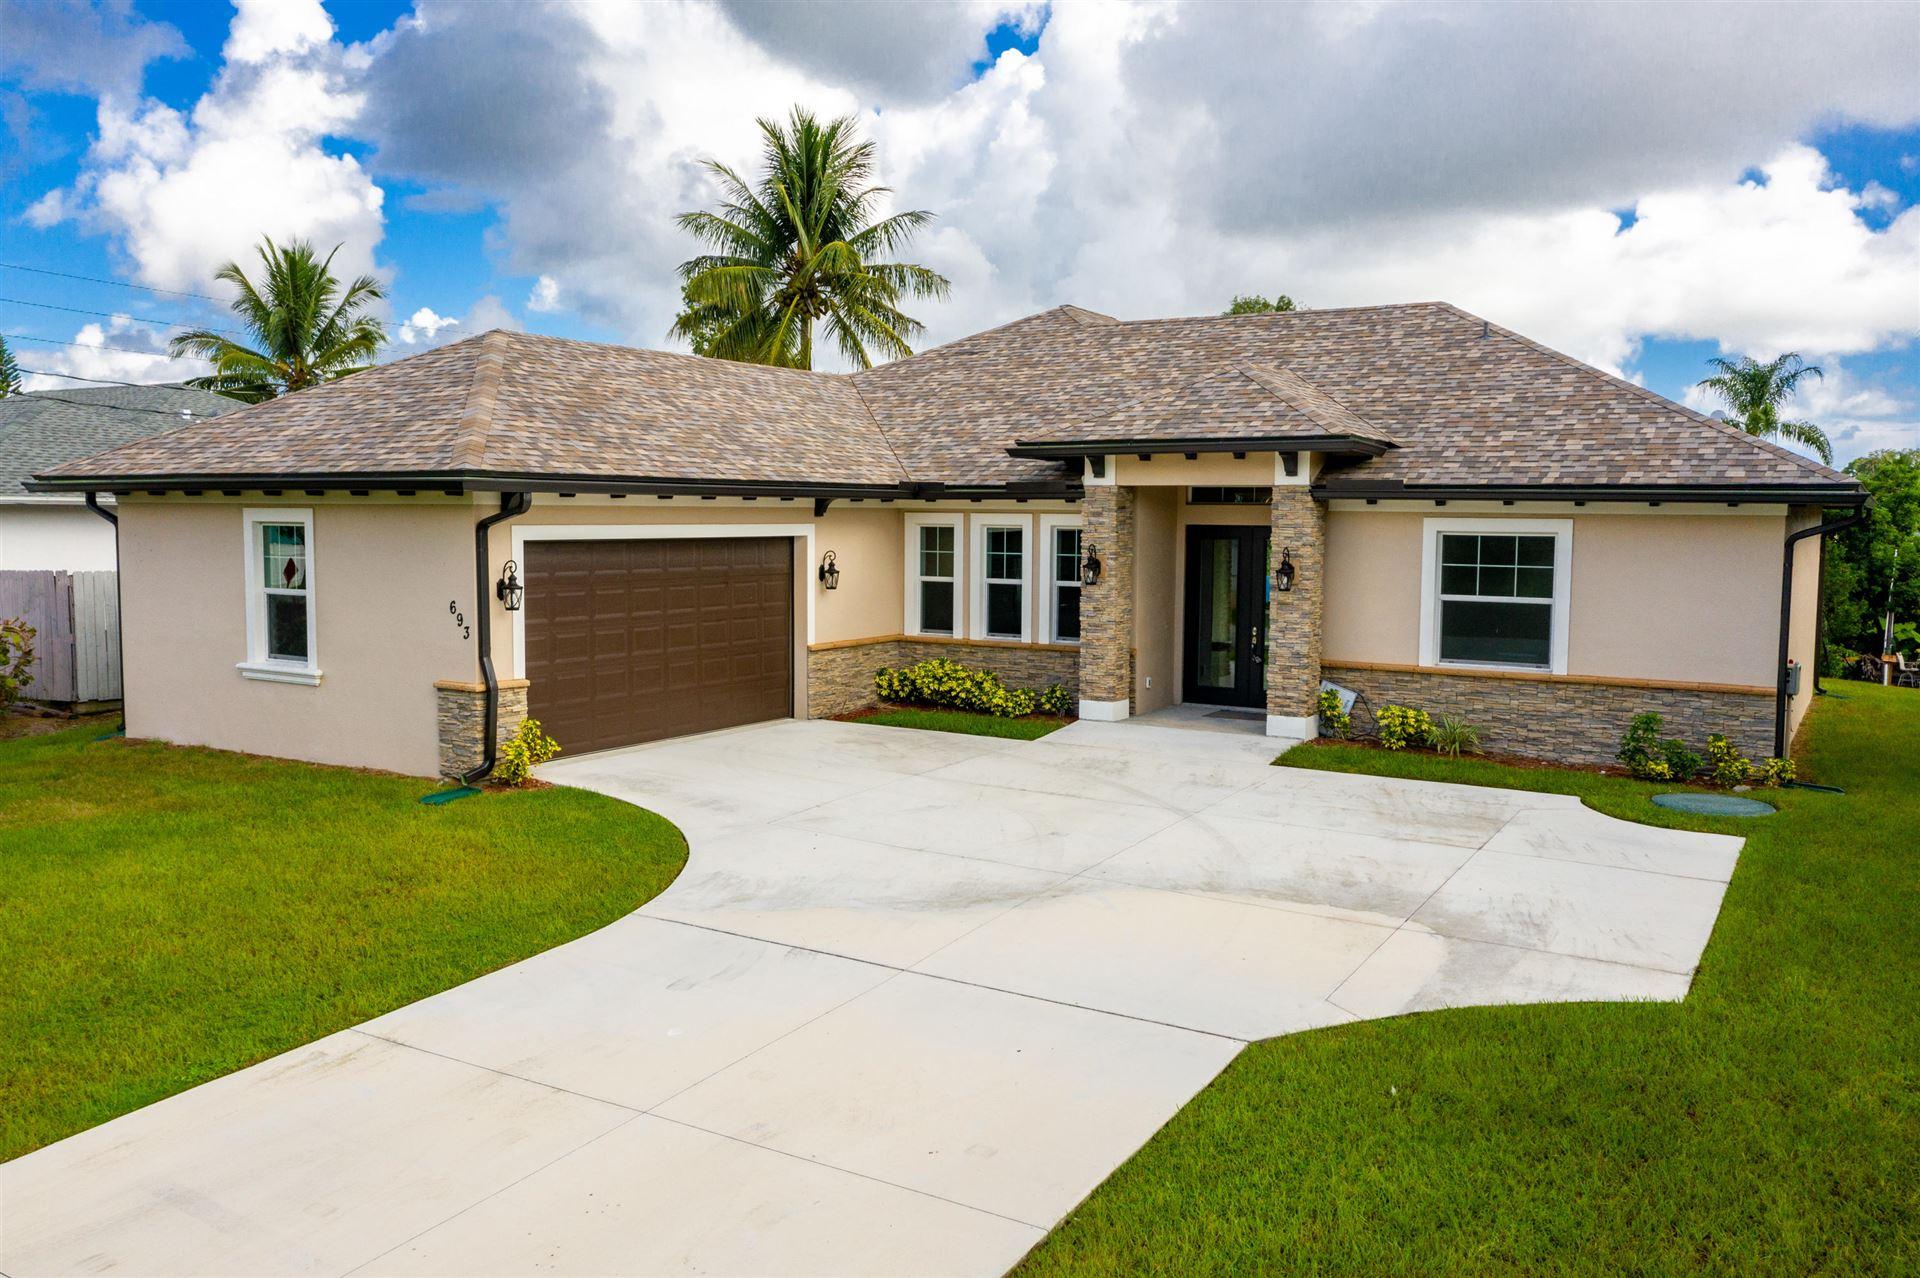 693 SE Whitmore Drive, Port Saint Lucie, FL 34984 - #: RX-10653974